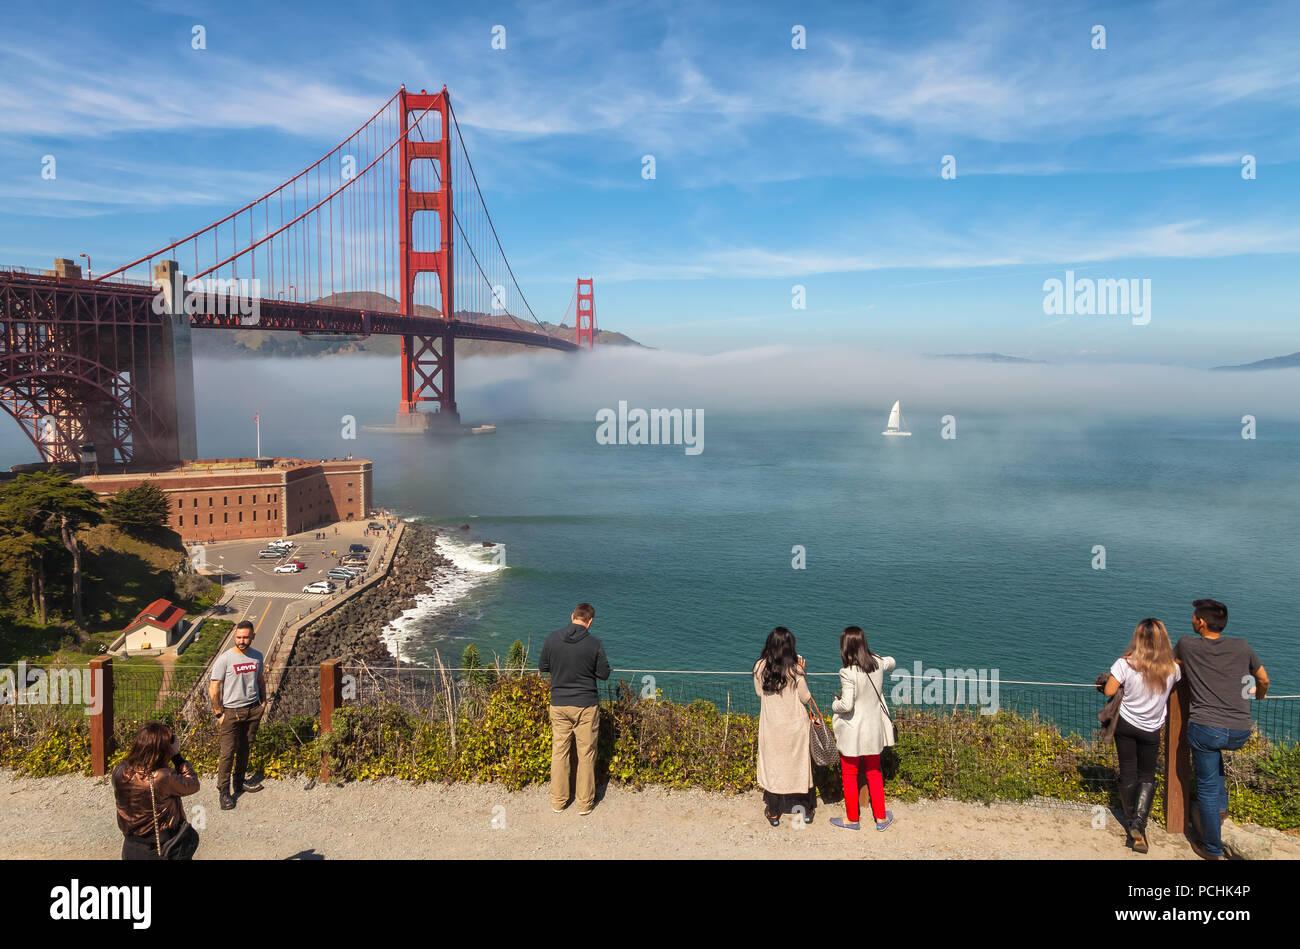 Visitatori presso il Golden Gate Bridge di San Francisco, California, Stati Uniti. Immagini Stock